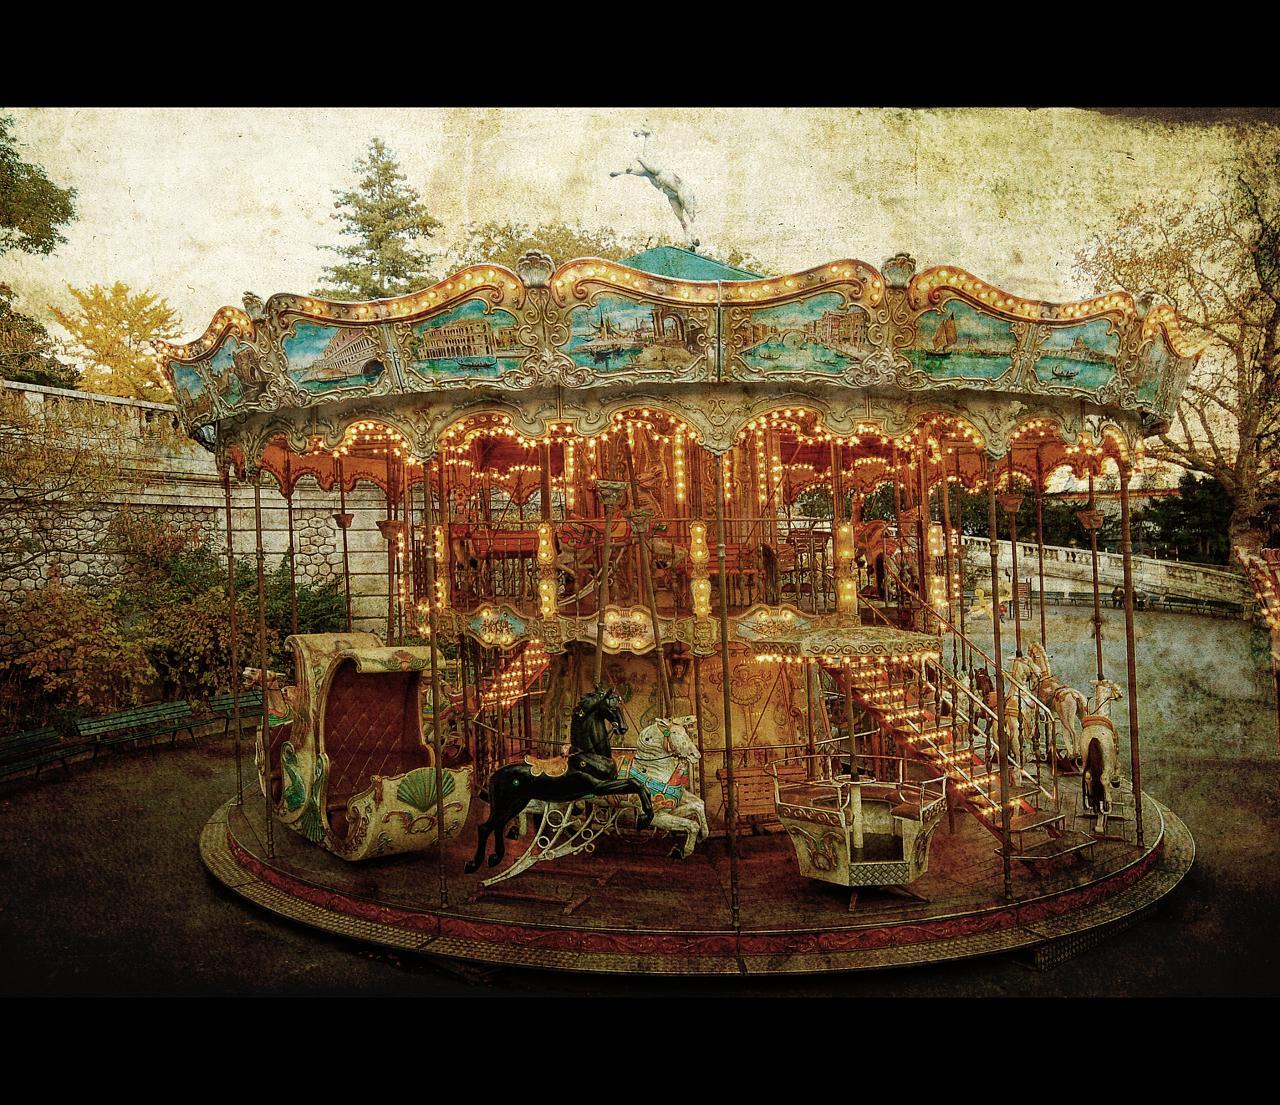 Carousel in Europe